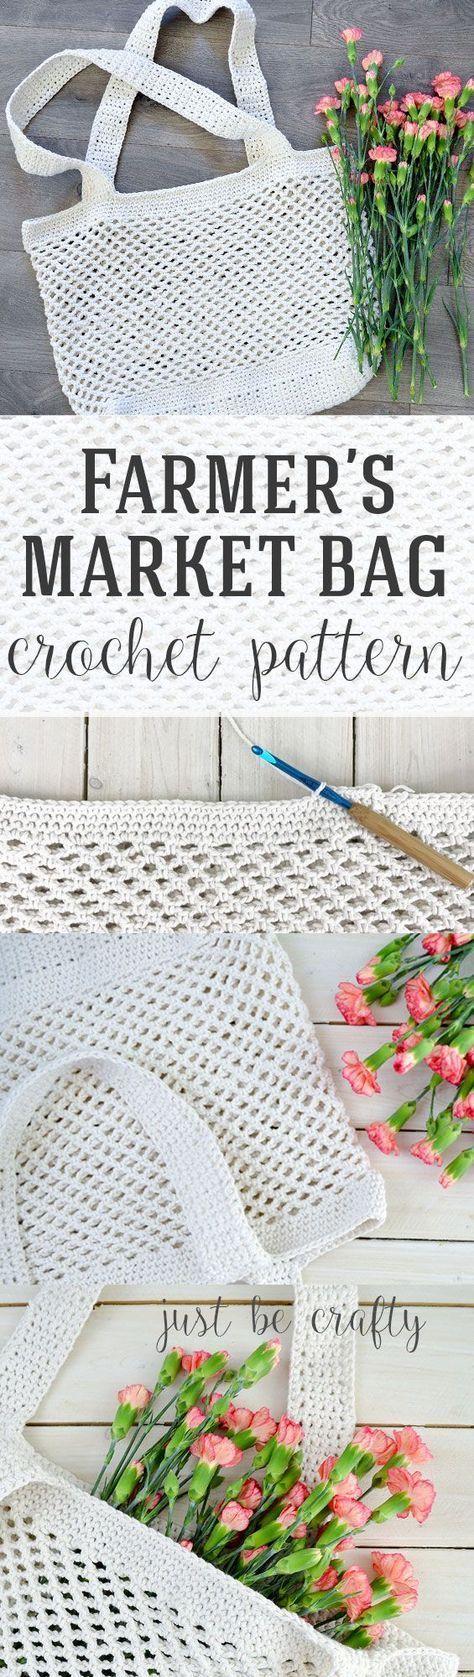 519 best Knitting & Crochet images on Pinterest | Doilies crochet ...